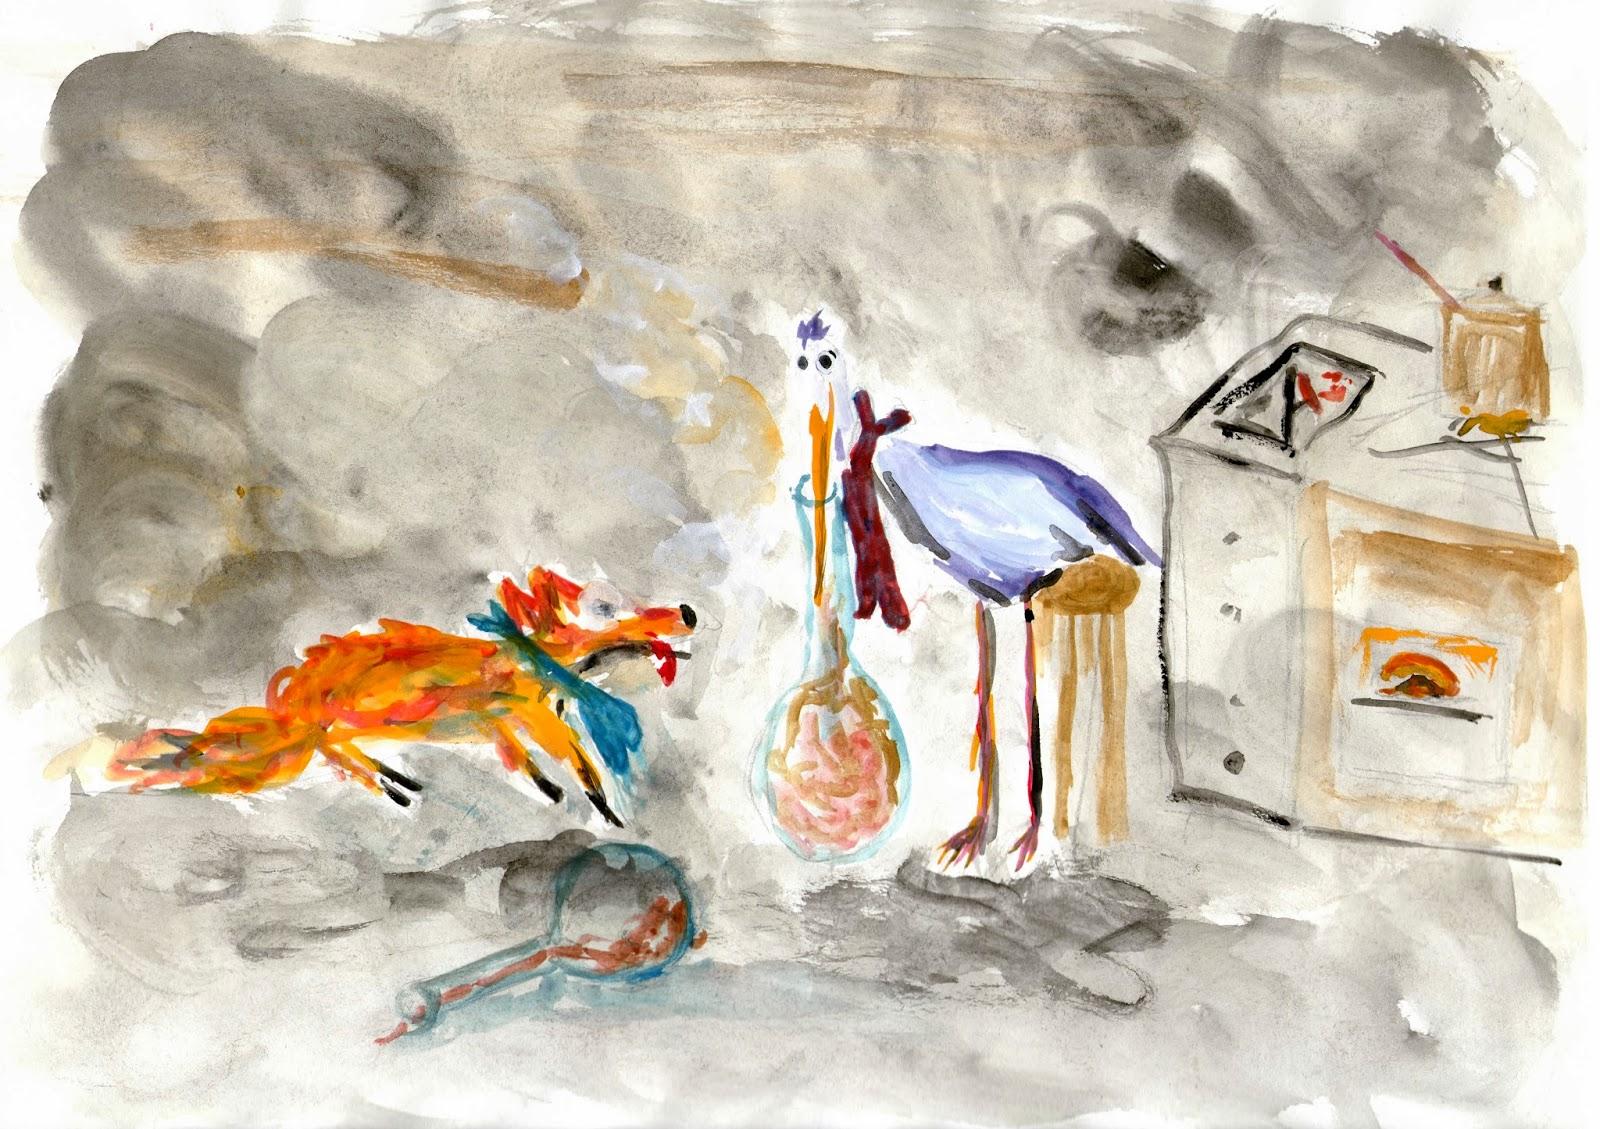 Les dessins de margau d cembre 2013 - Dessin le renard et la cigogne ...